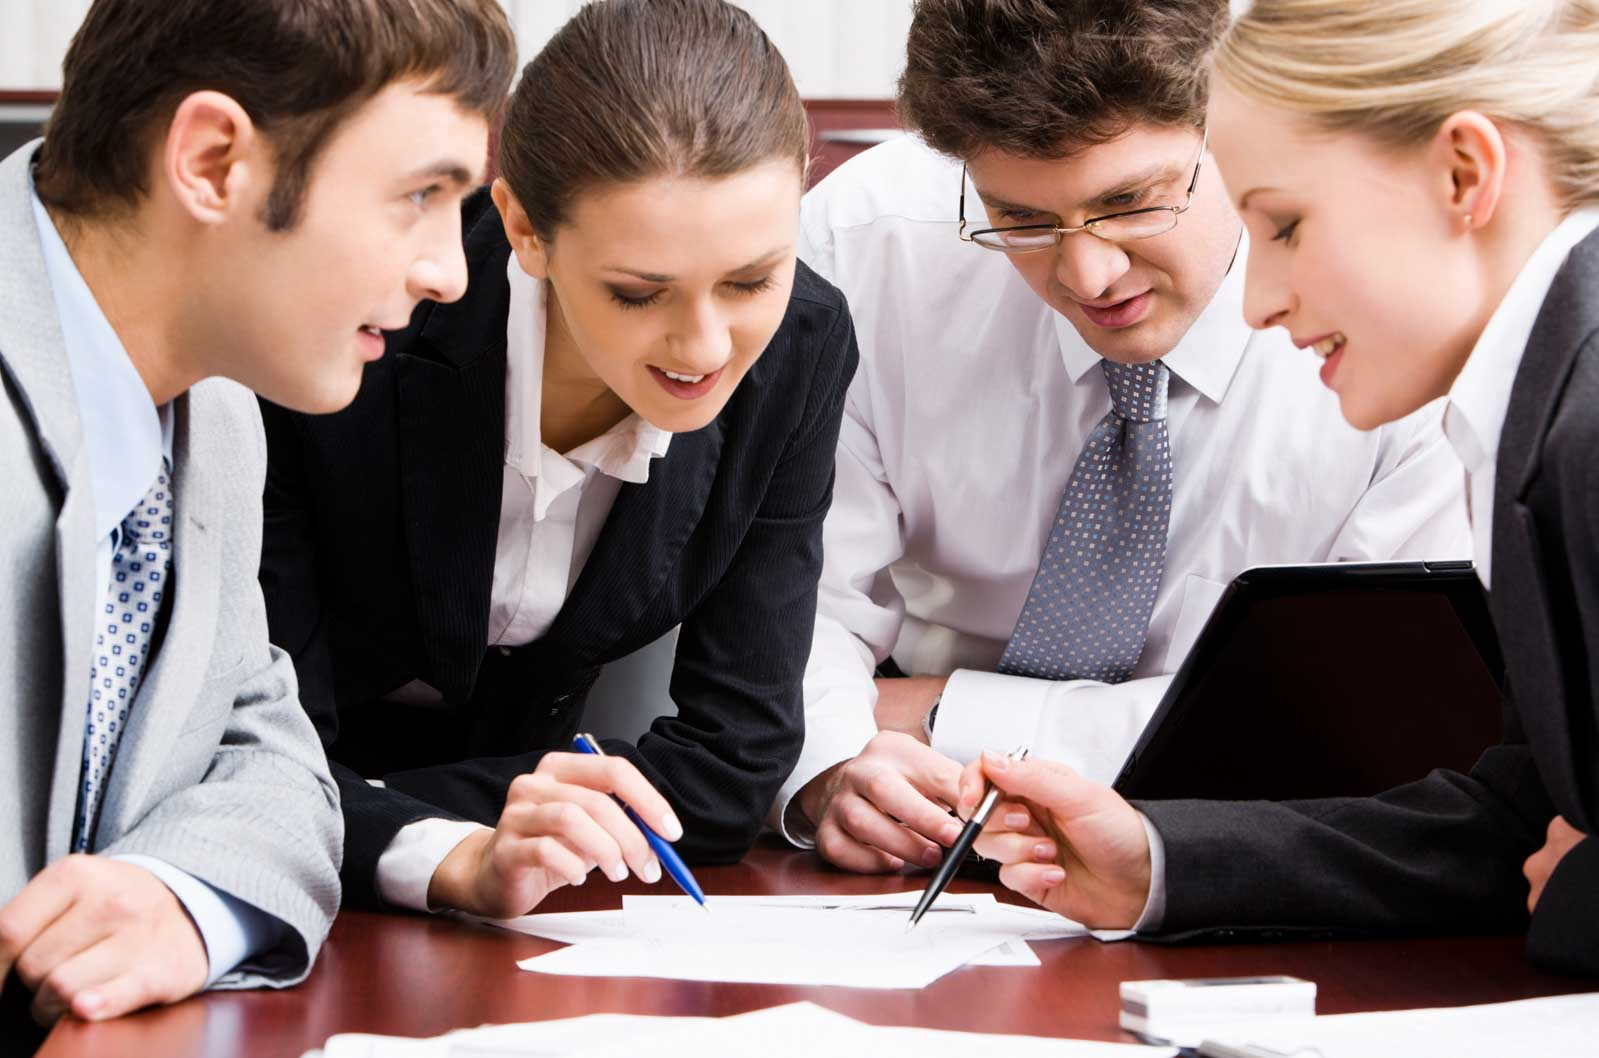 Comment mettre en place le Digital Learning en lien avec les représentants du personnel de l'entreprise ?